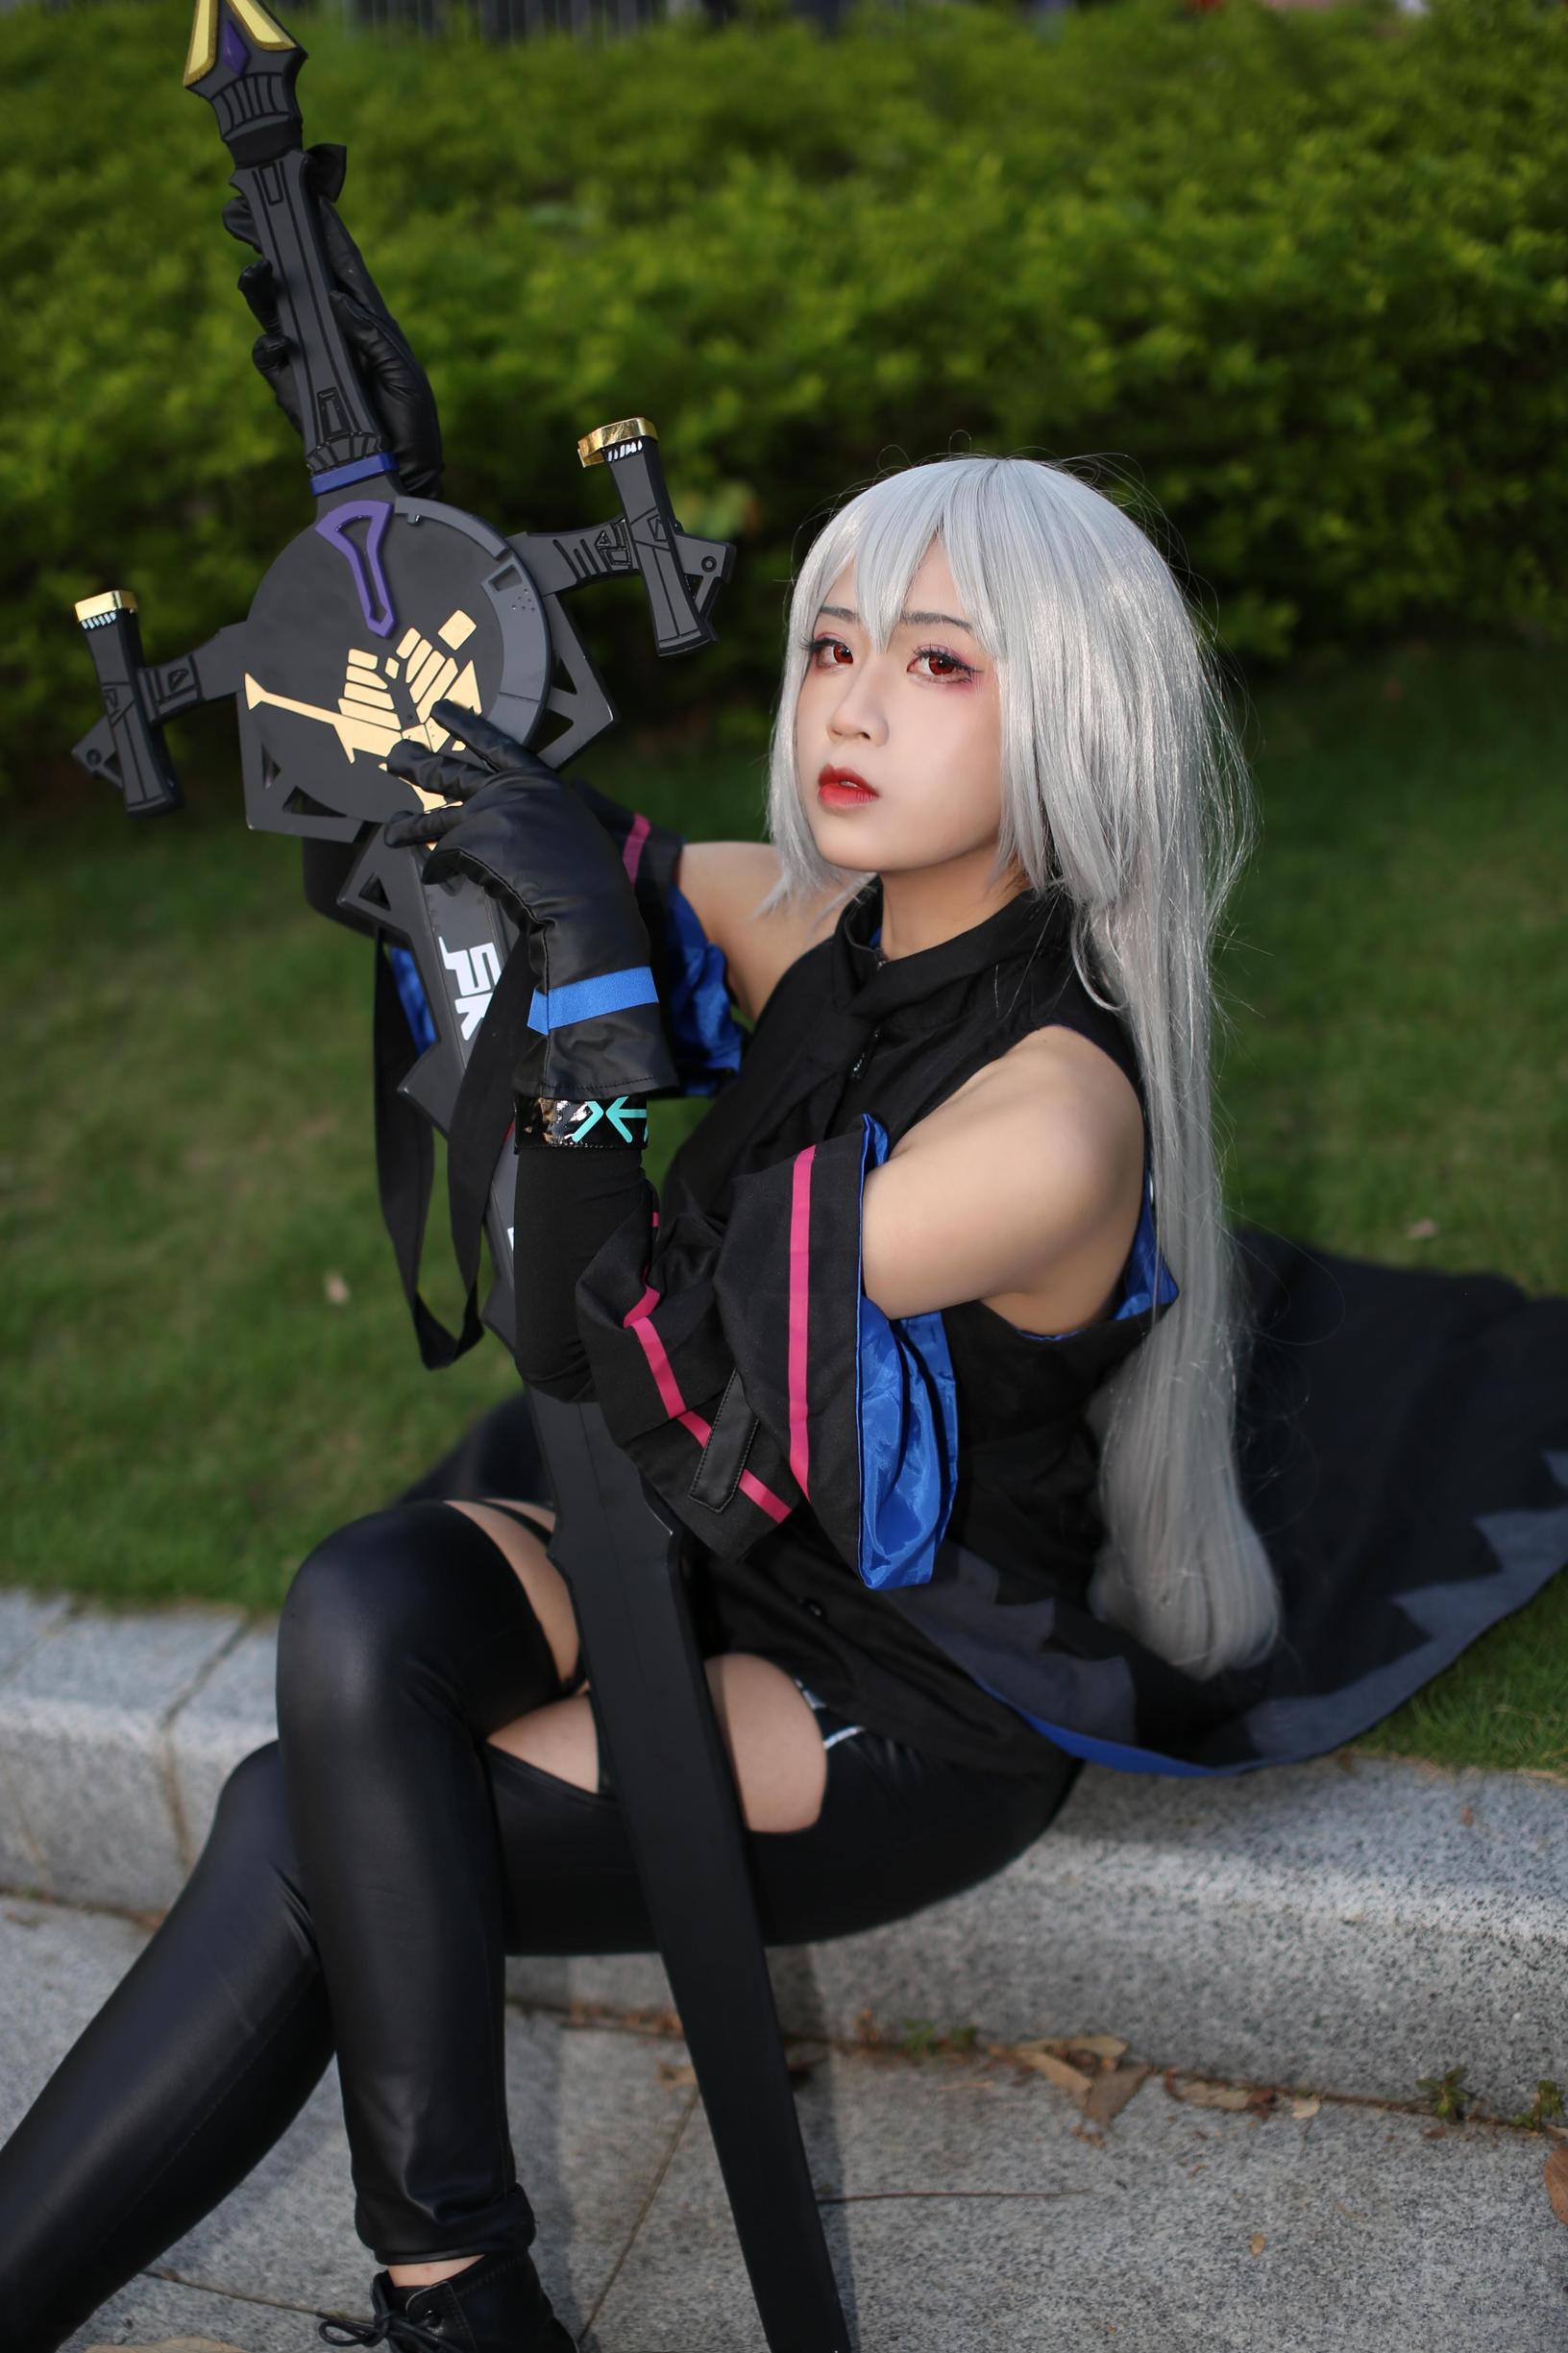 《明日方舟》漫展cosplay【CN:Futaba双叶】 -第五人格红蝶cosplay图片插图